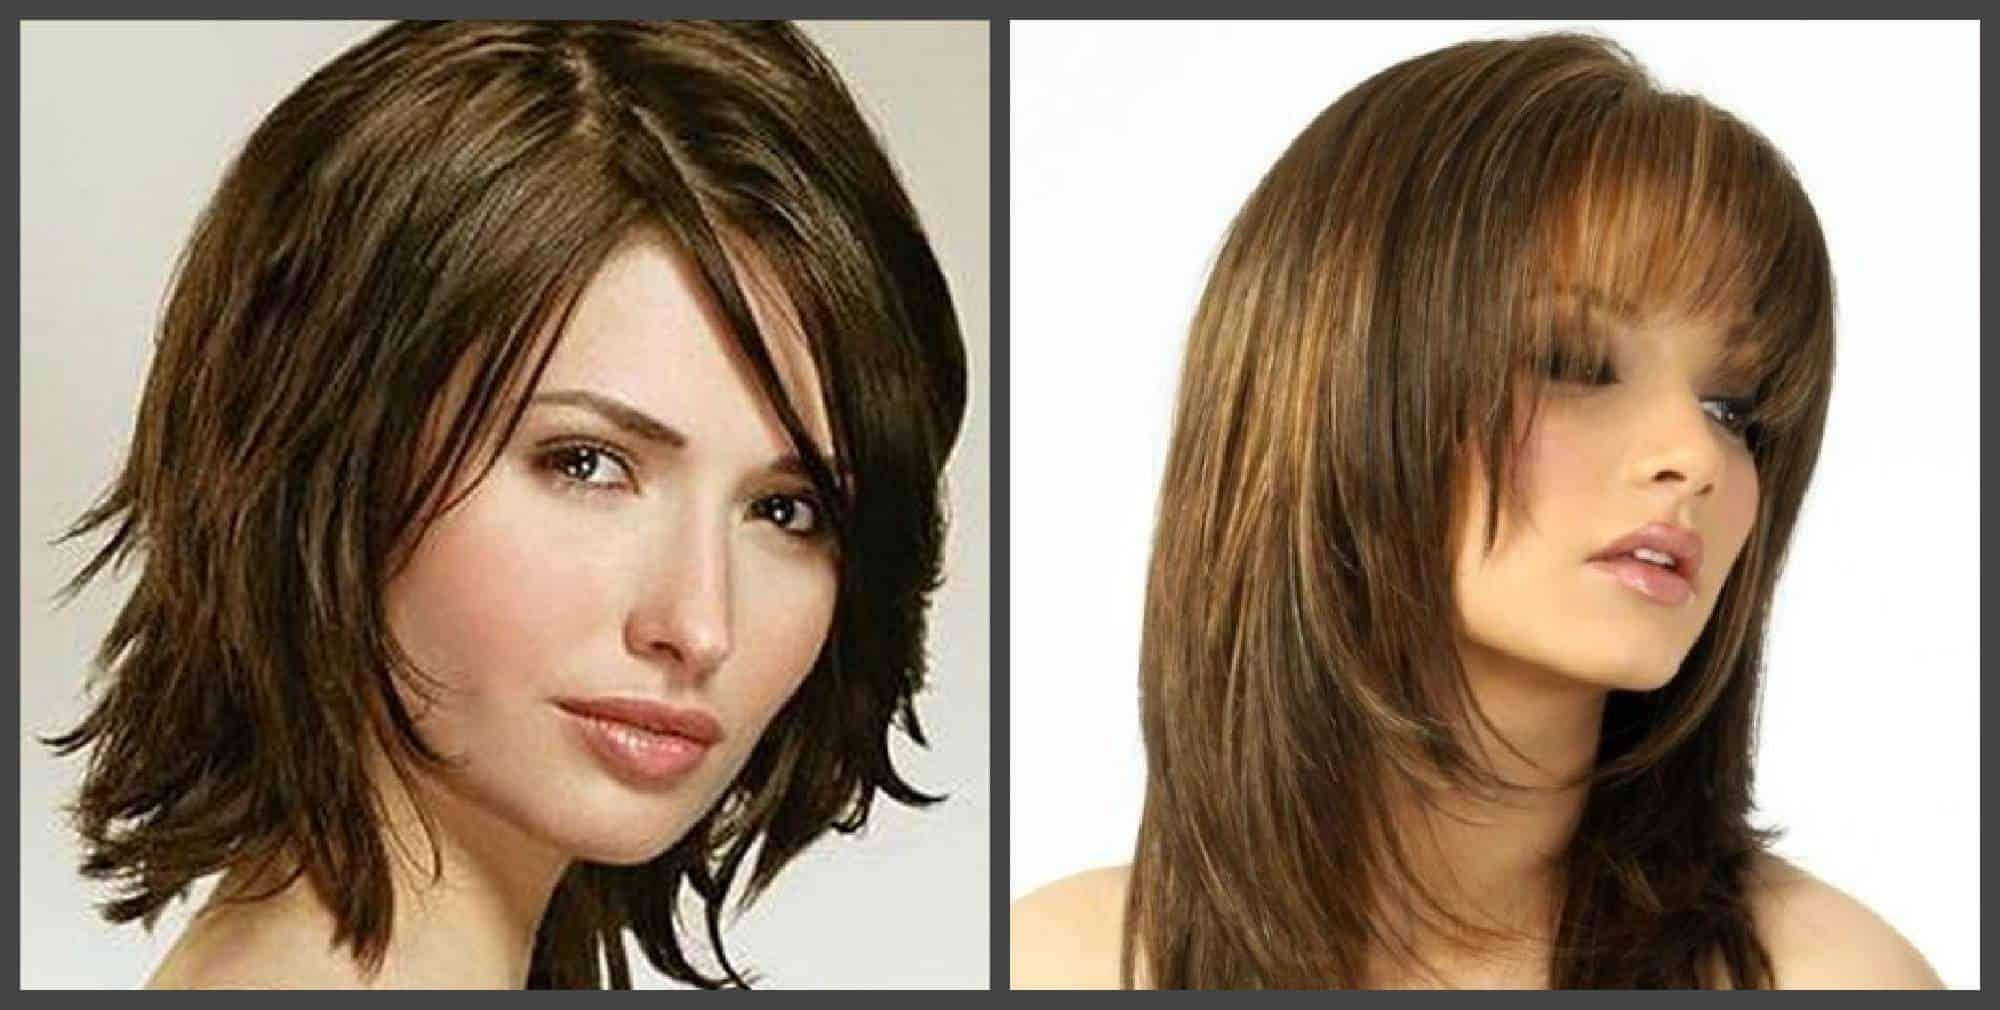 Peinados y estilos de moda estilos de pelo corto para - Peinados d moda ...